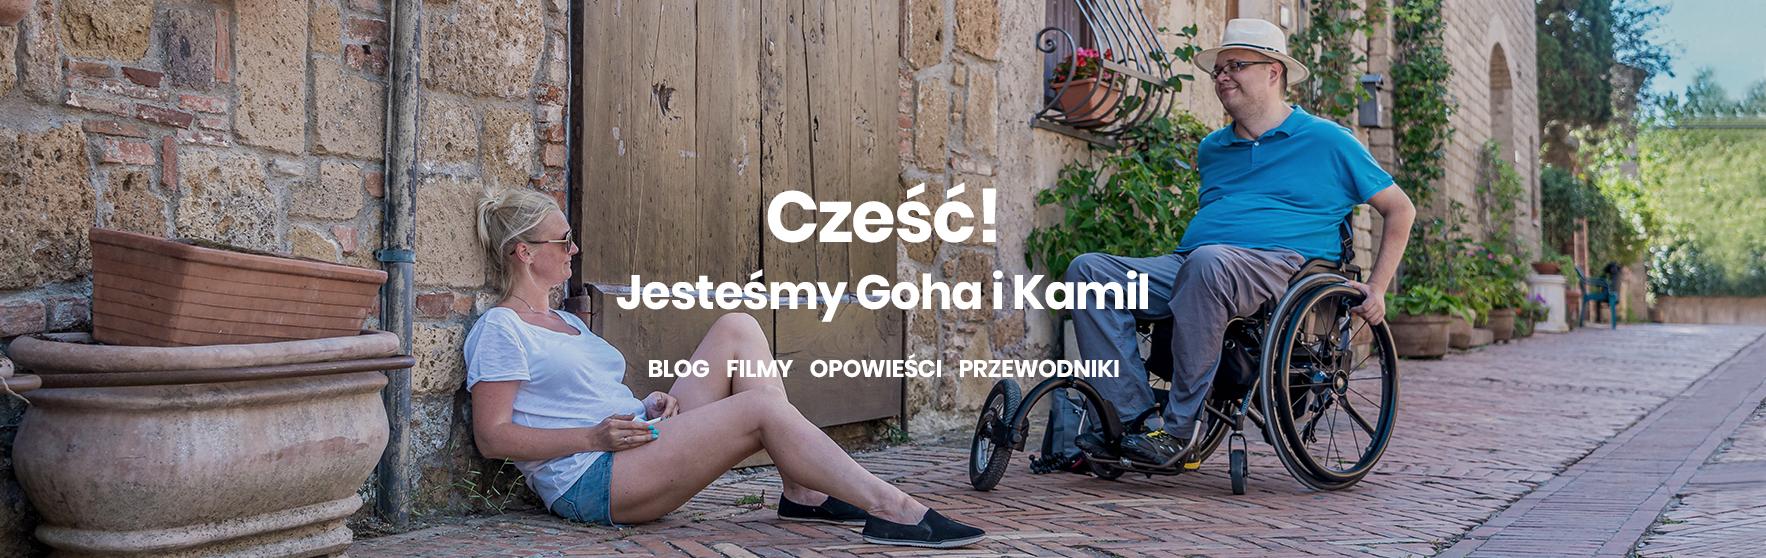 RobiMy Podróże blog podróżniczy